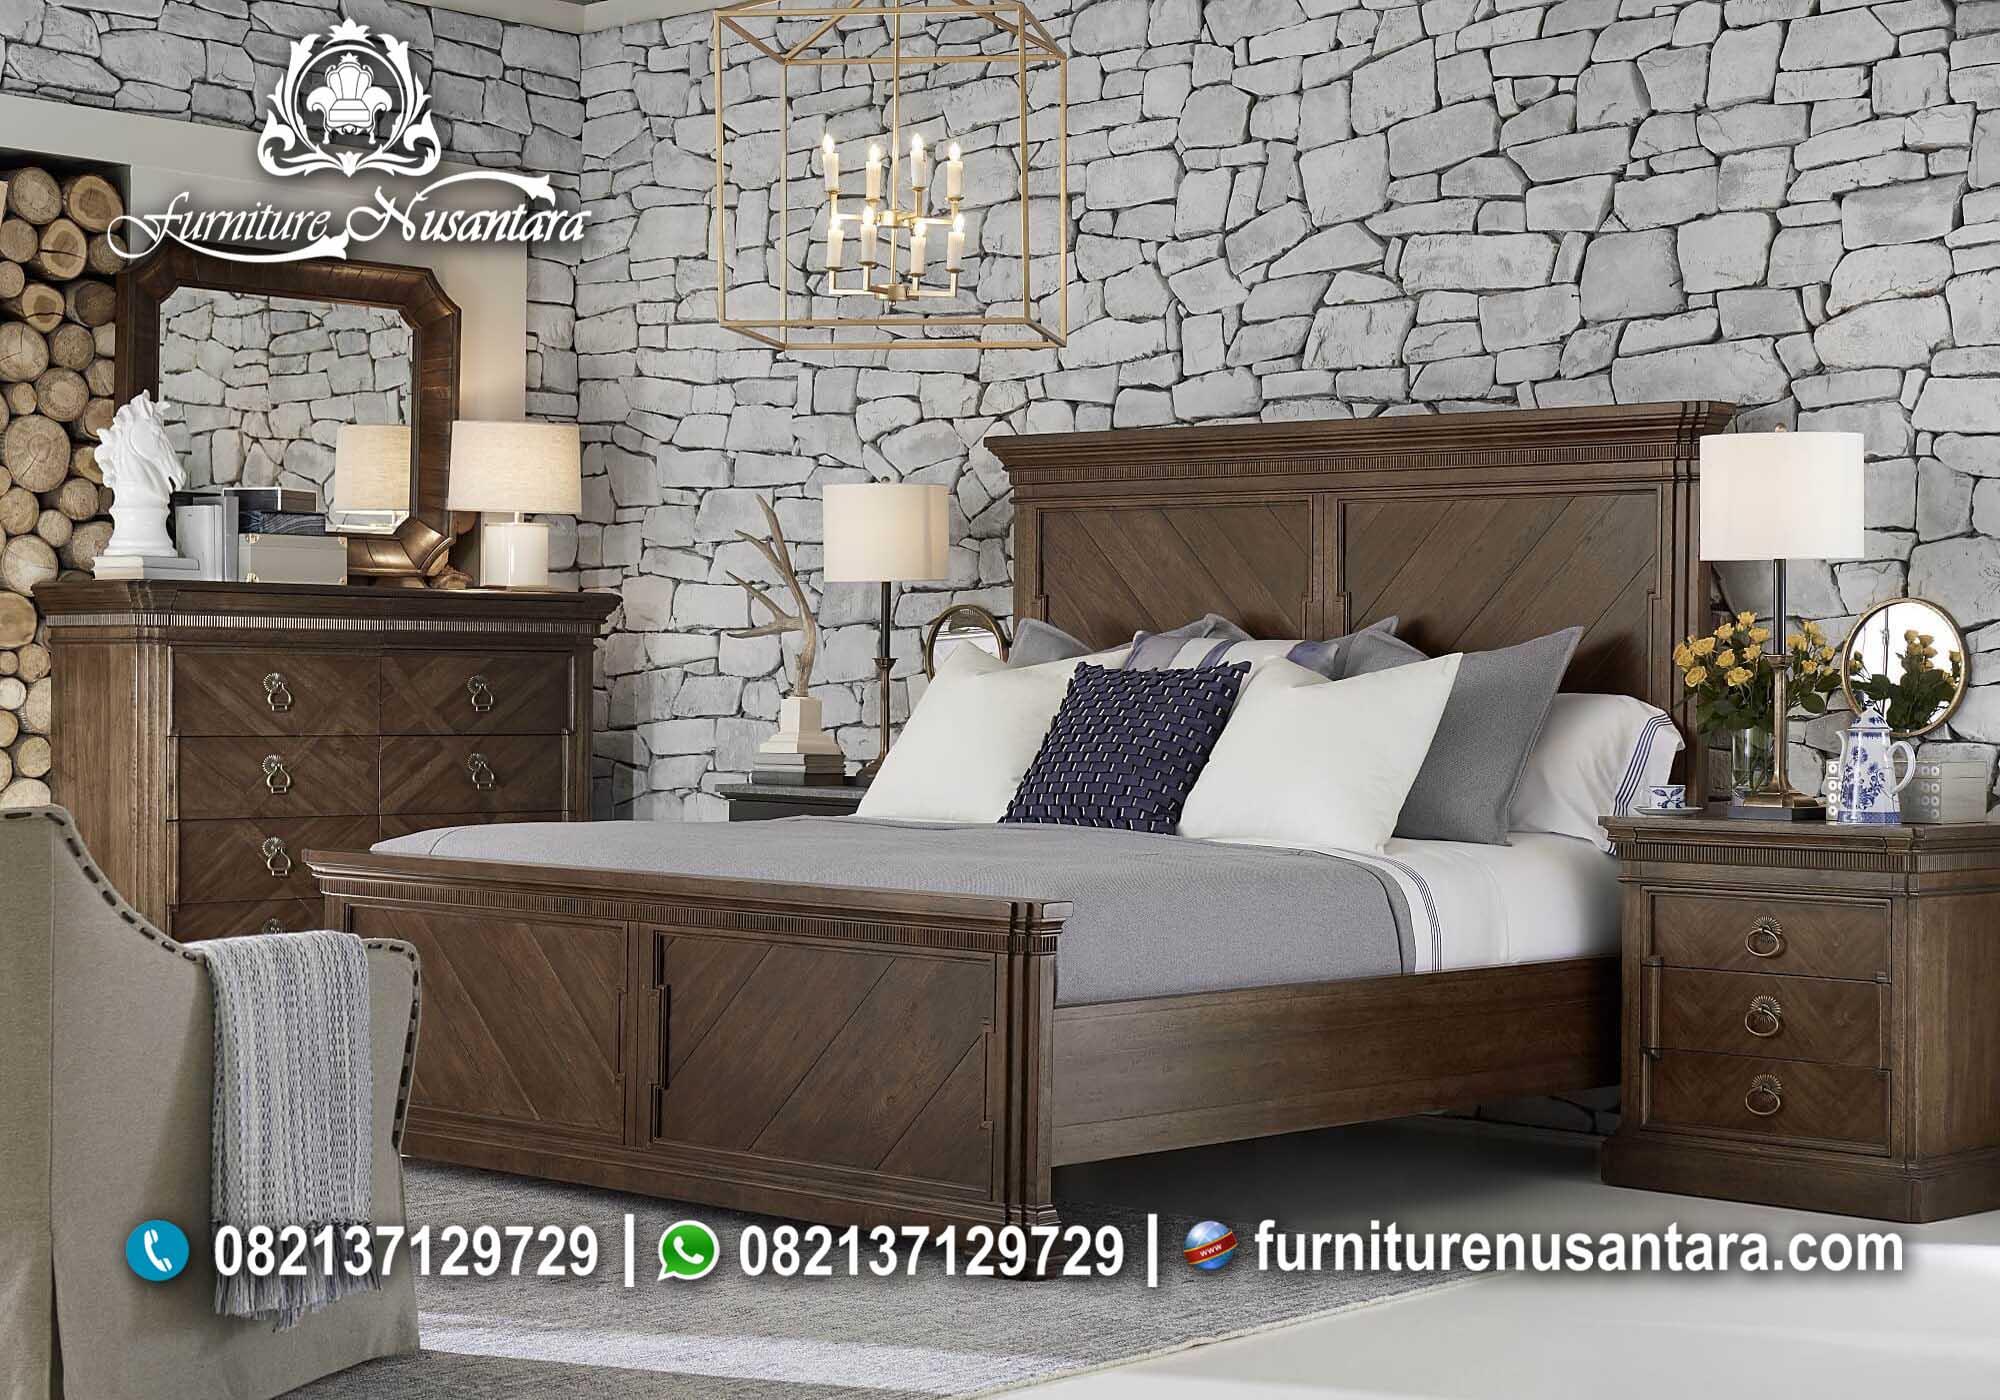 Jual Kamar Set Natural Murah KS-52, Furniture Nusantara